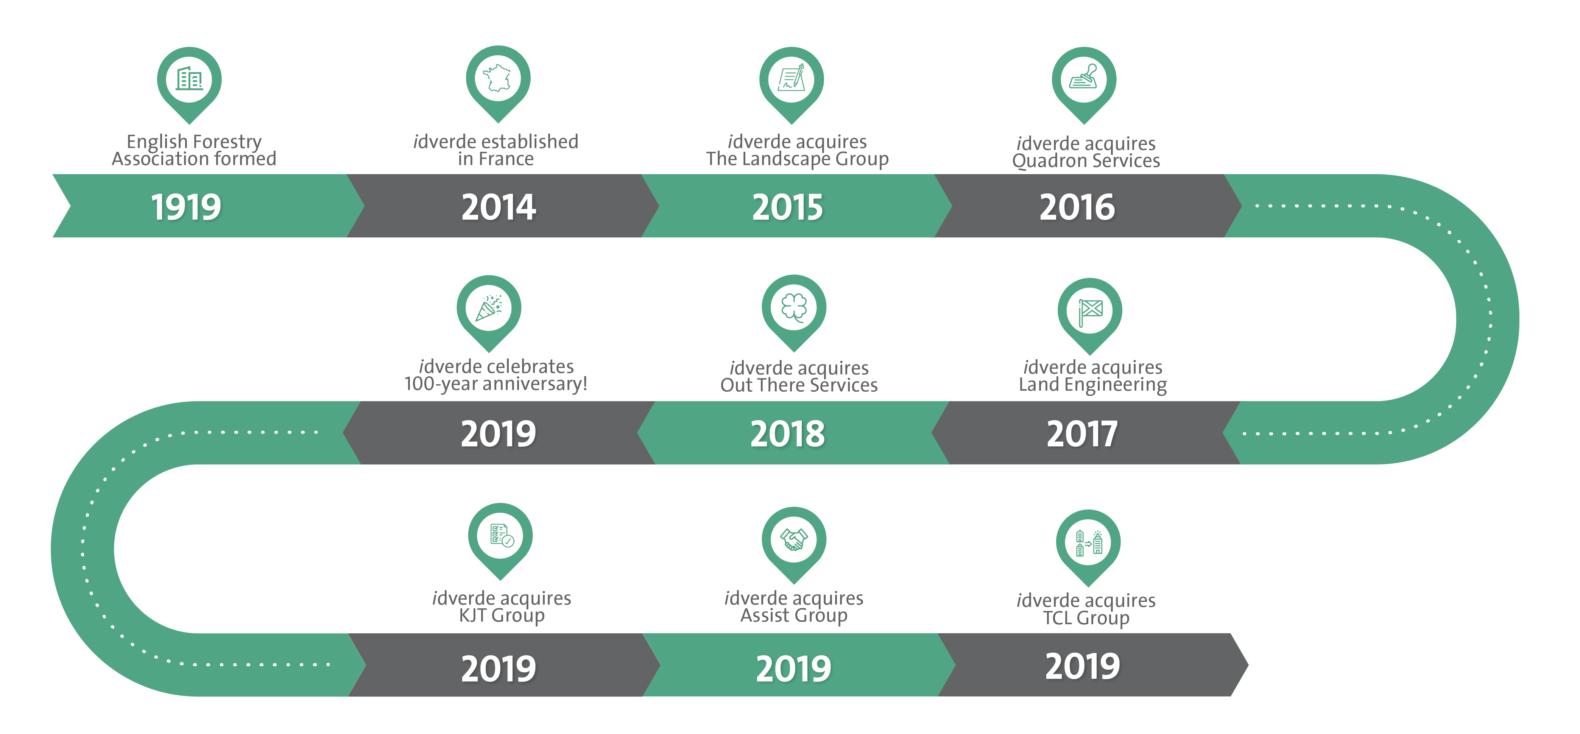 about idverde timeline